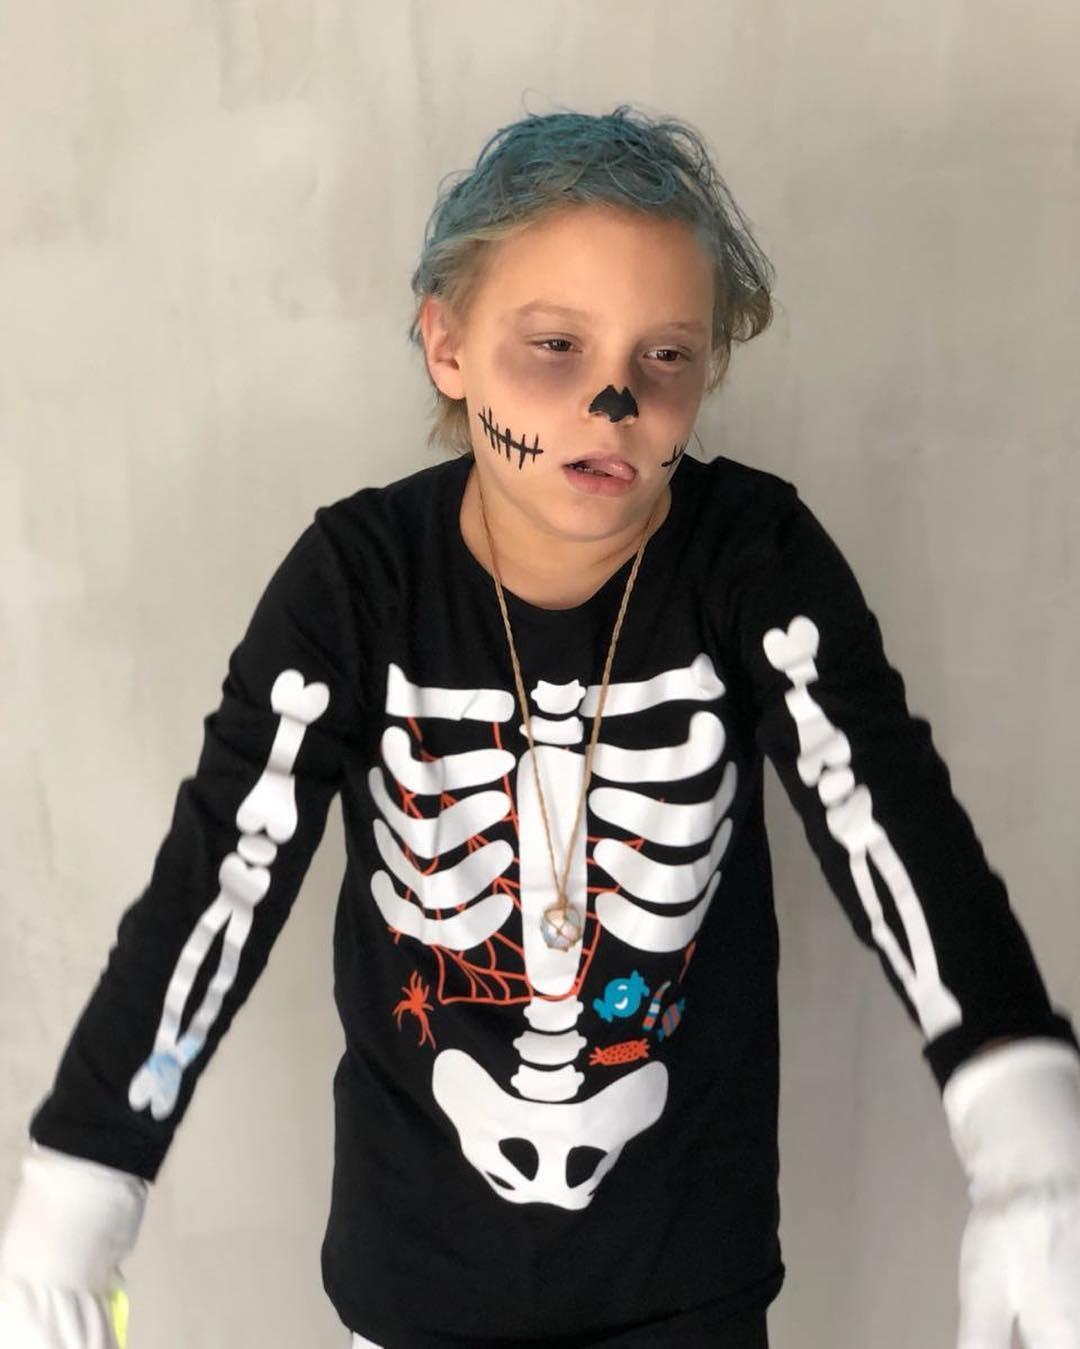 Davi Lucca pronto para o Halloween (Foto: Reprodução Instagram)